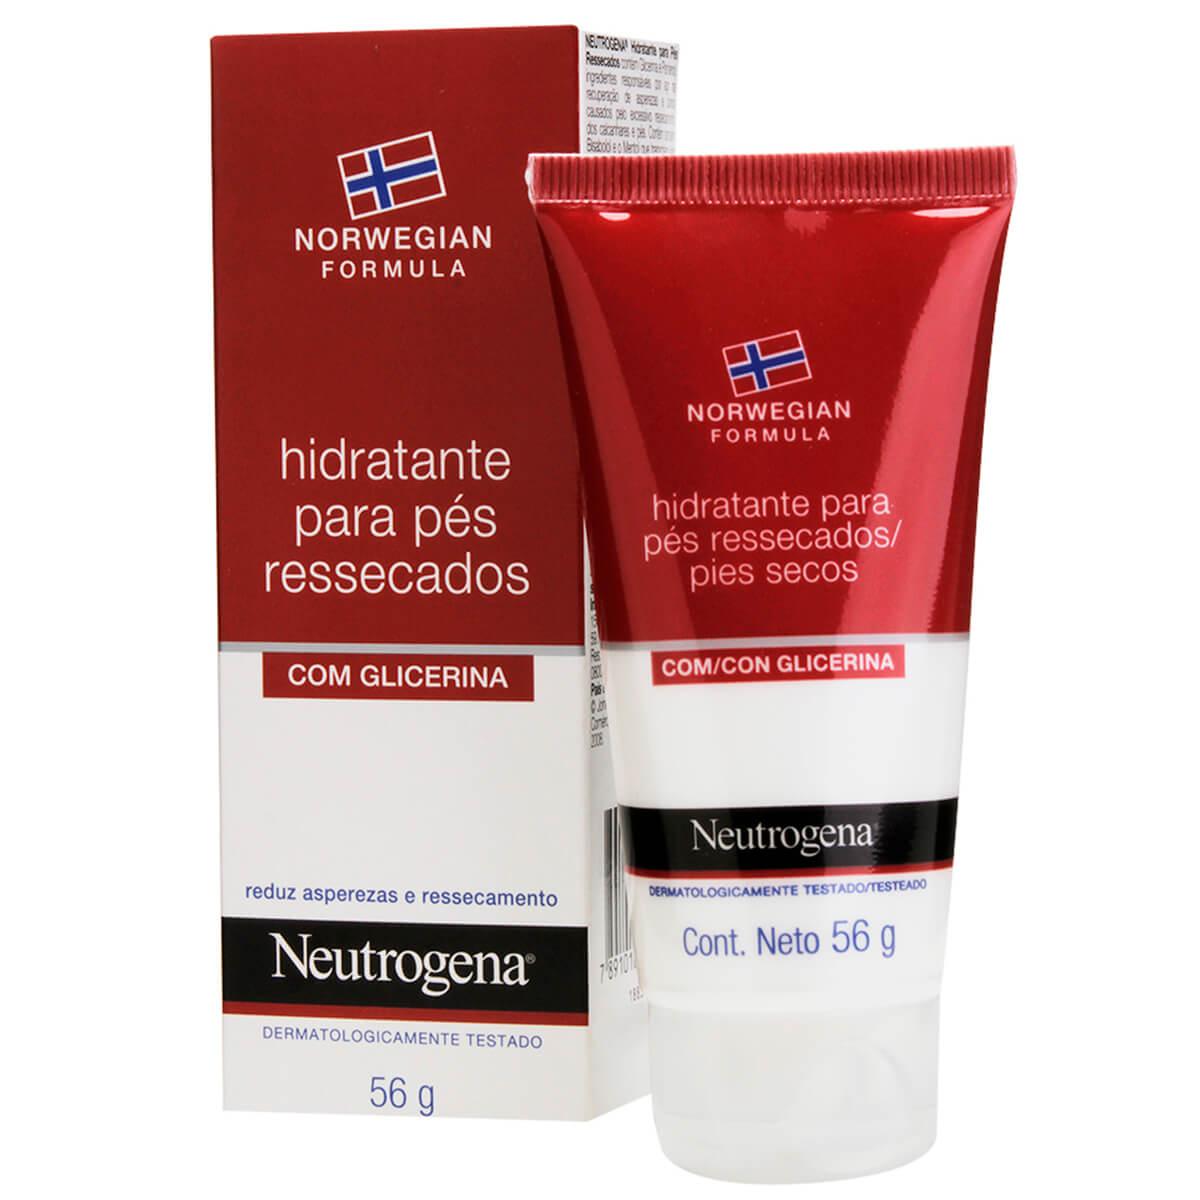 Hidratante para Pés Ressecados Neutrogena com 56g 56g